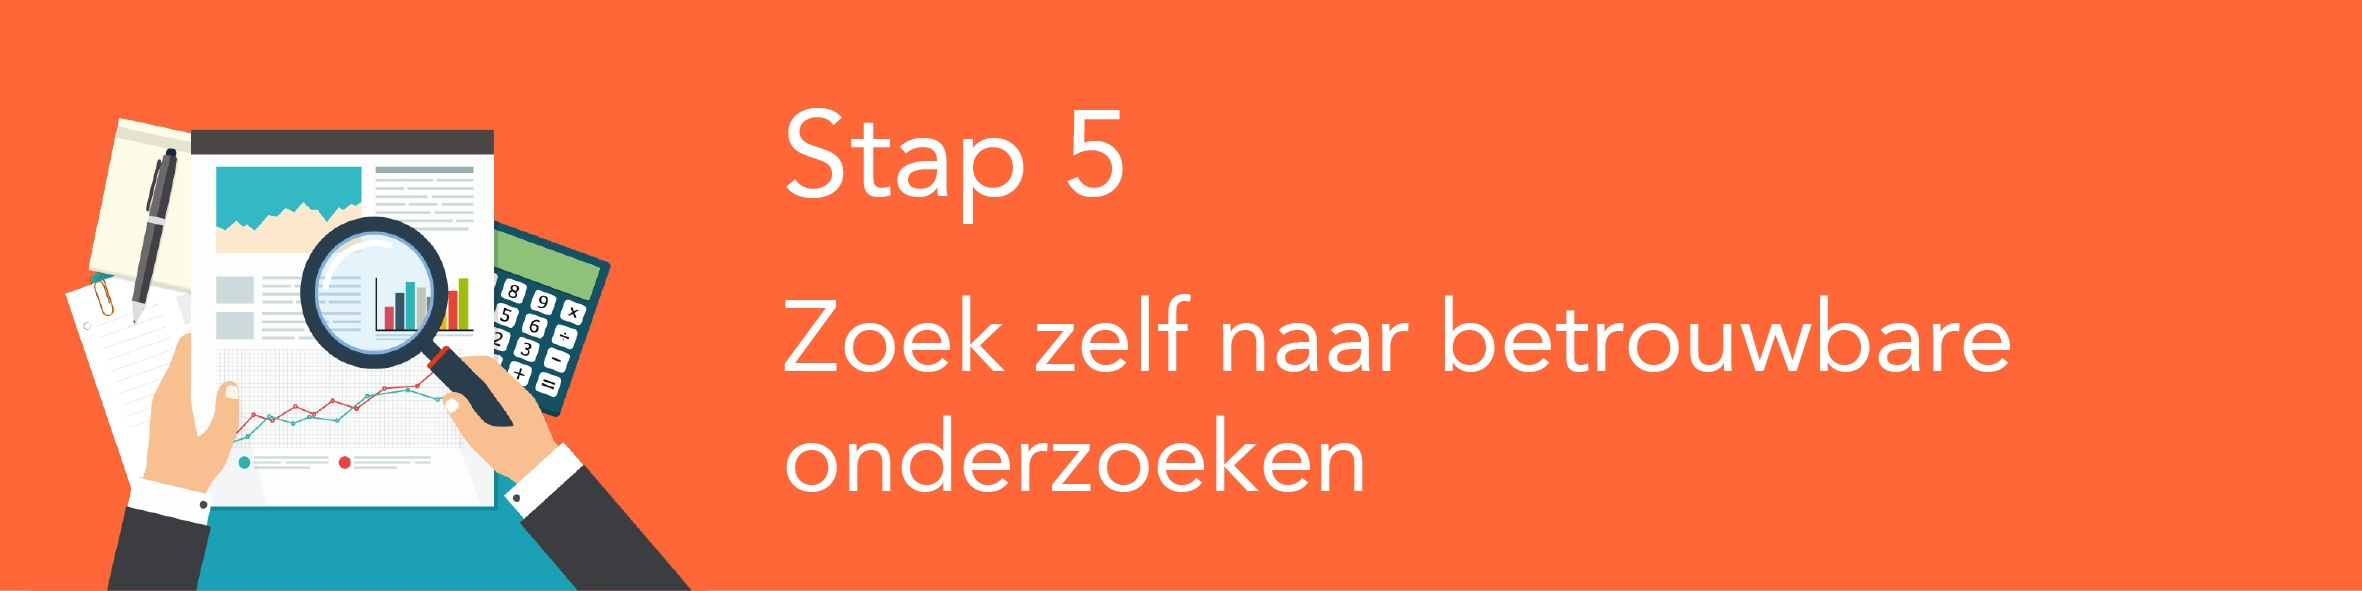 stappen-onderzoek-in-oranje-met-tekst5-4